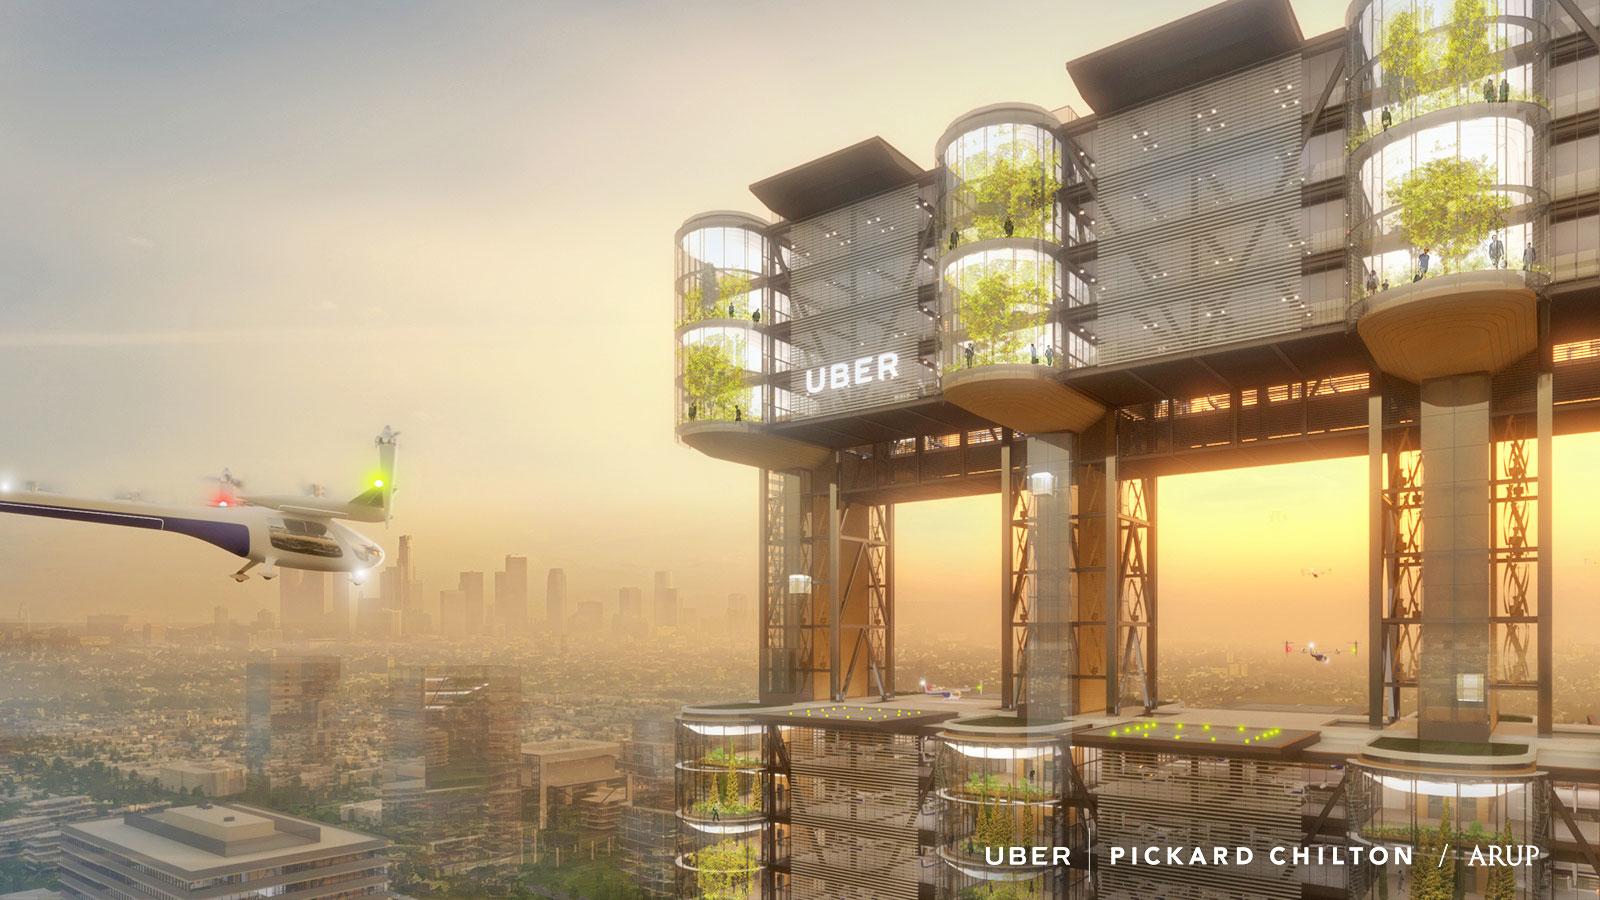 空飛ぶタクシーUberAirは東京を含む5都市を第3の実験都市候補に